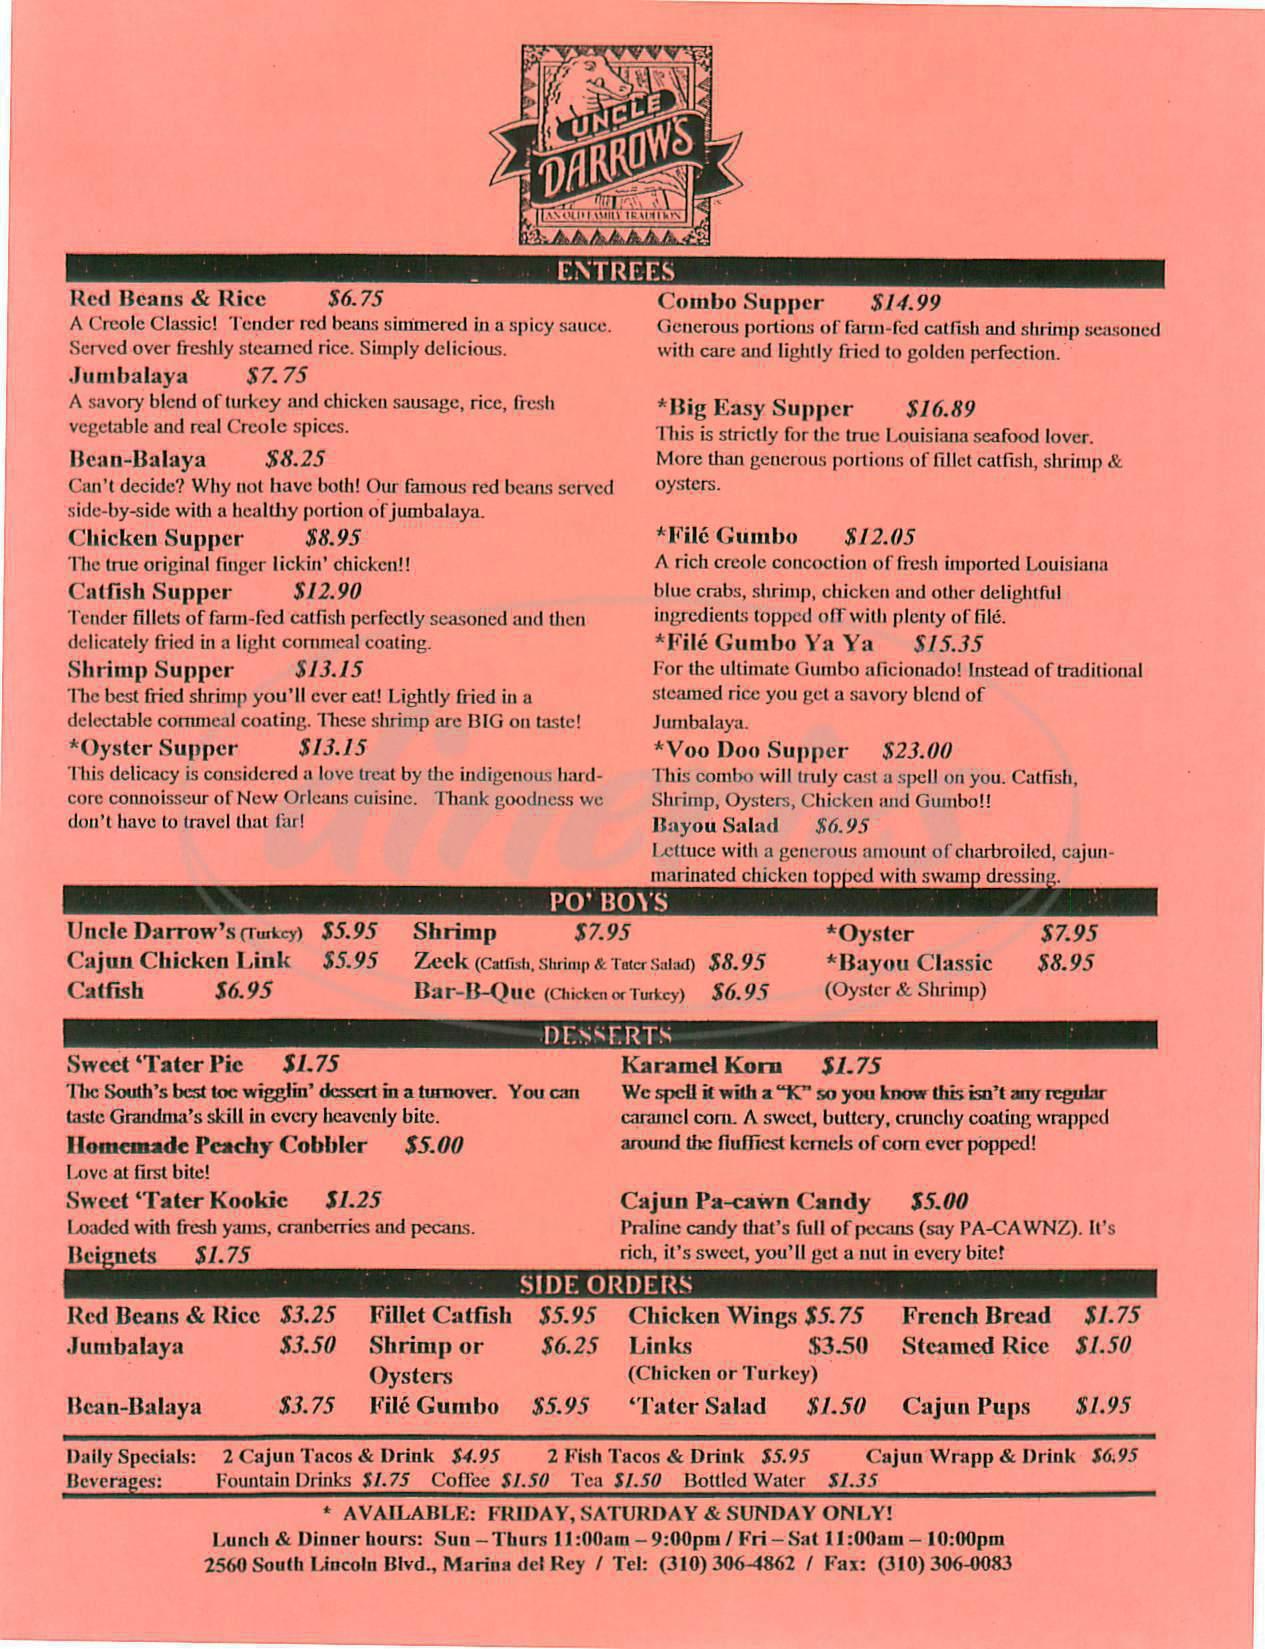 menu for Uncle Darrow's